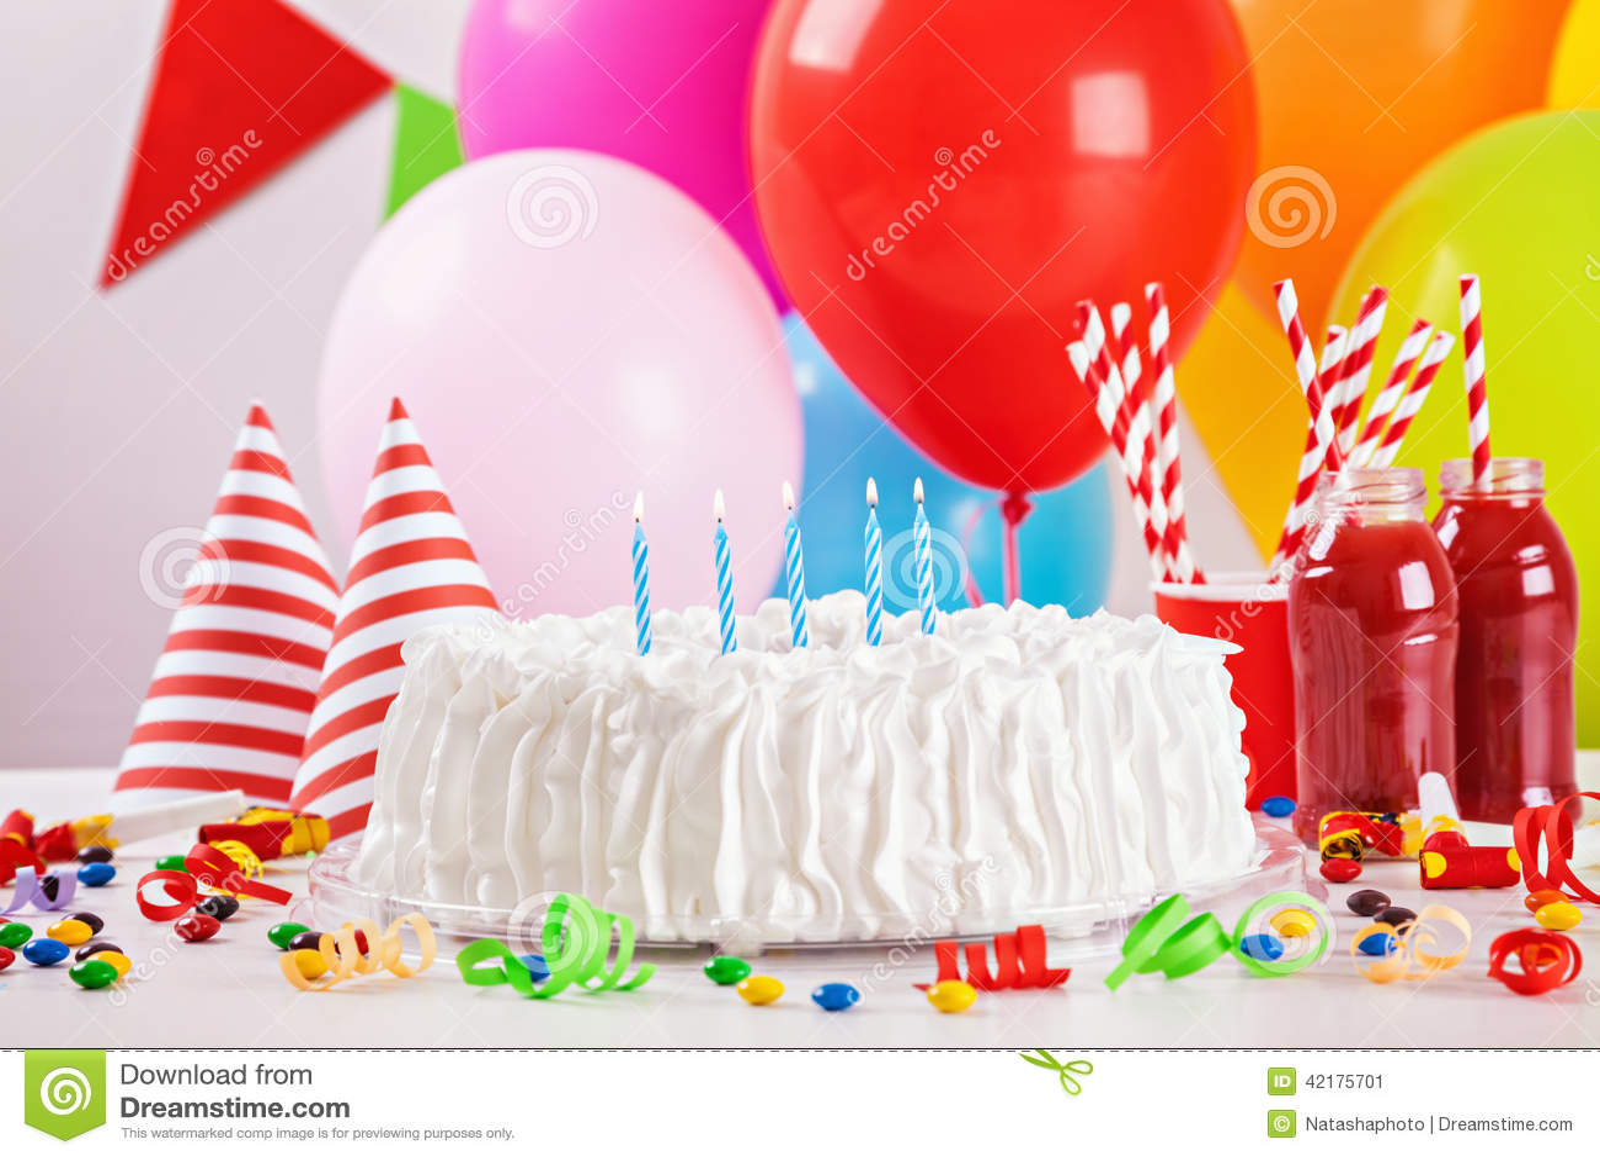 Geburtstags kuchen und dekoration stockfoto bild 42175701 for Dekoration kuchen